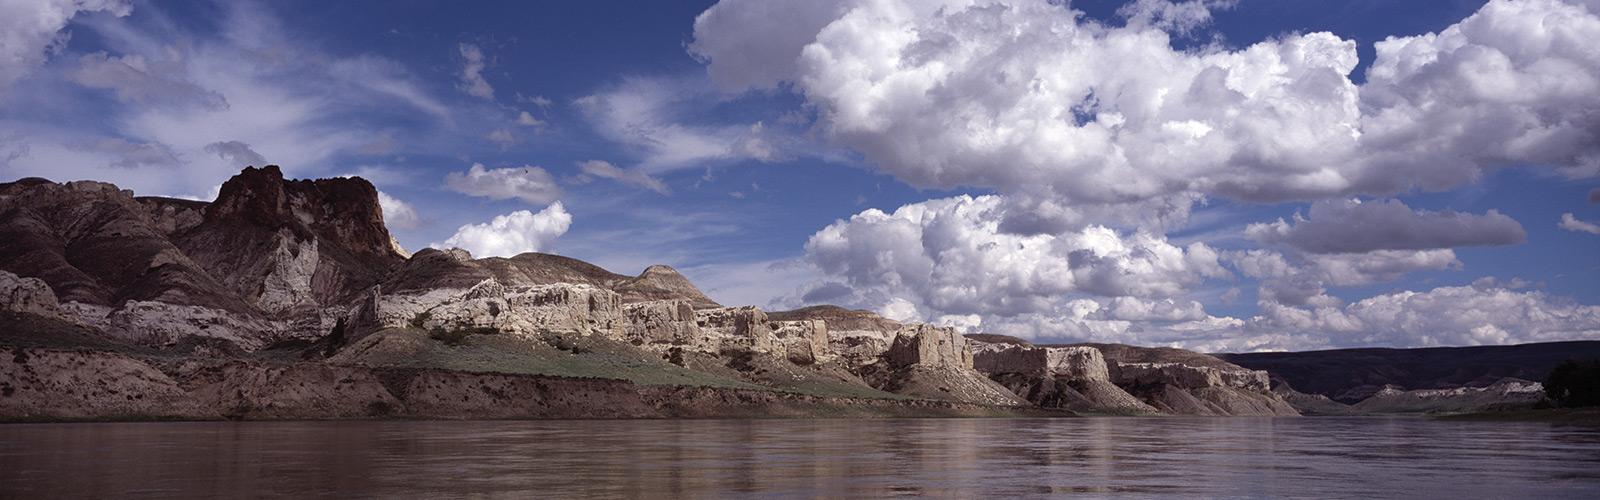 Missouri River Breaks by Don Doll, SJ